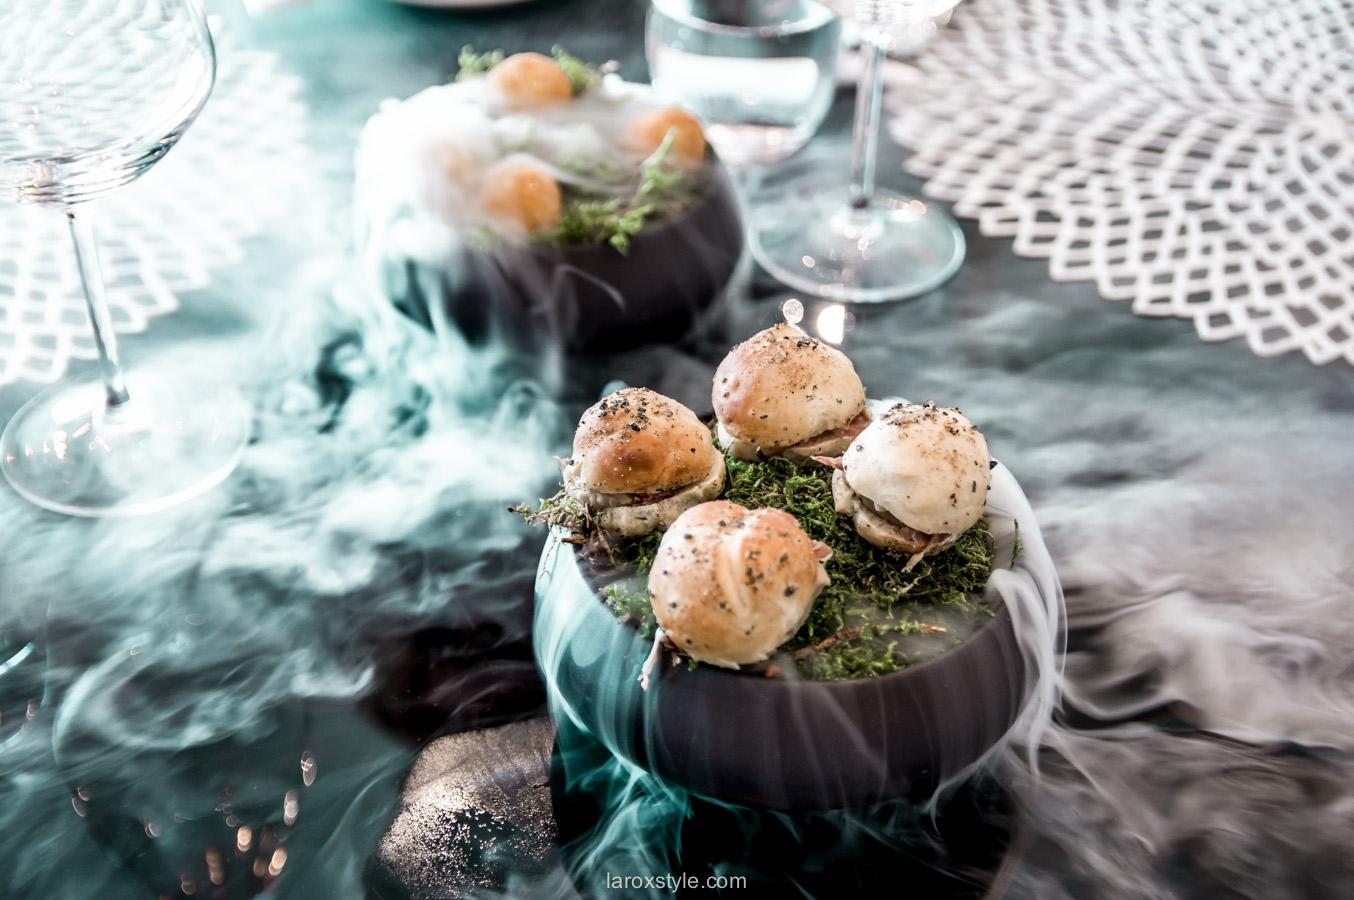 Restaurant gastronomique lyon - Food Lyon - Champignons revisités